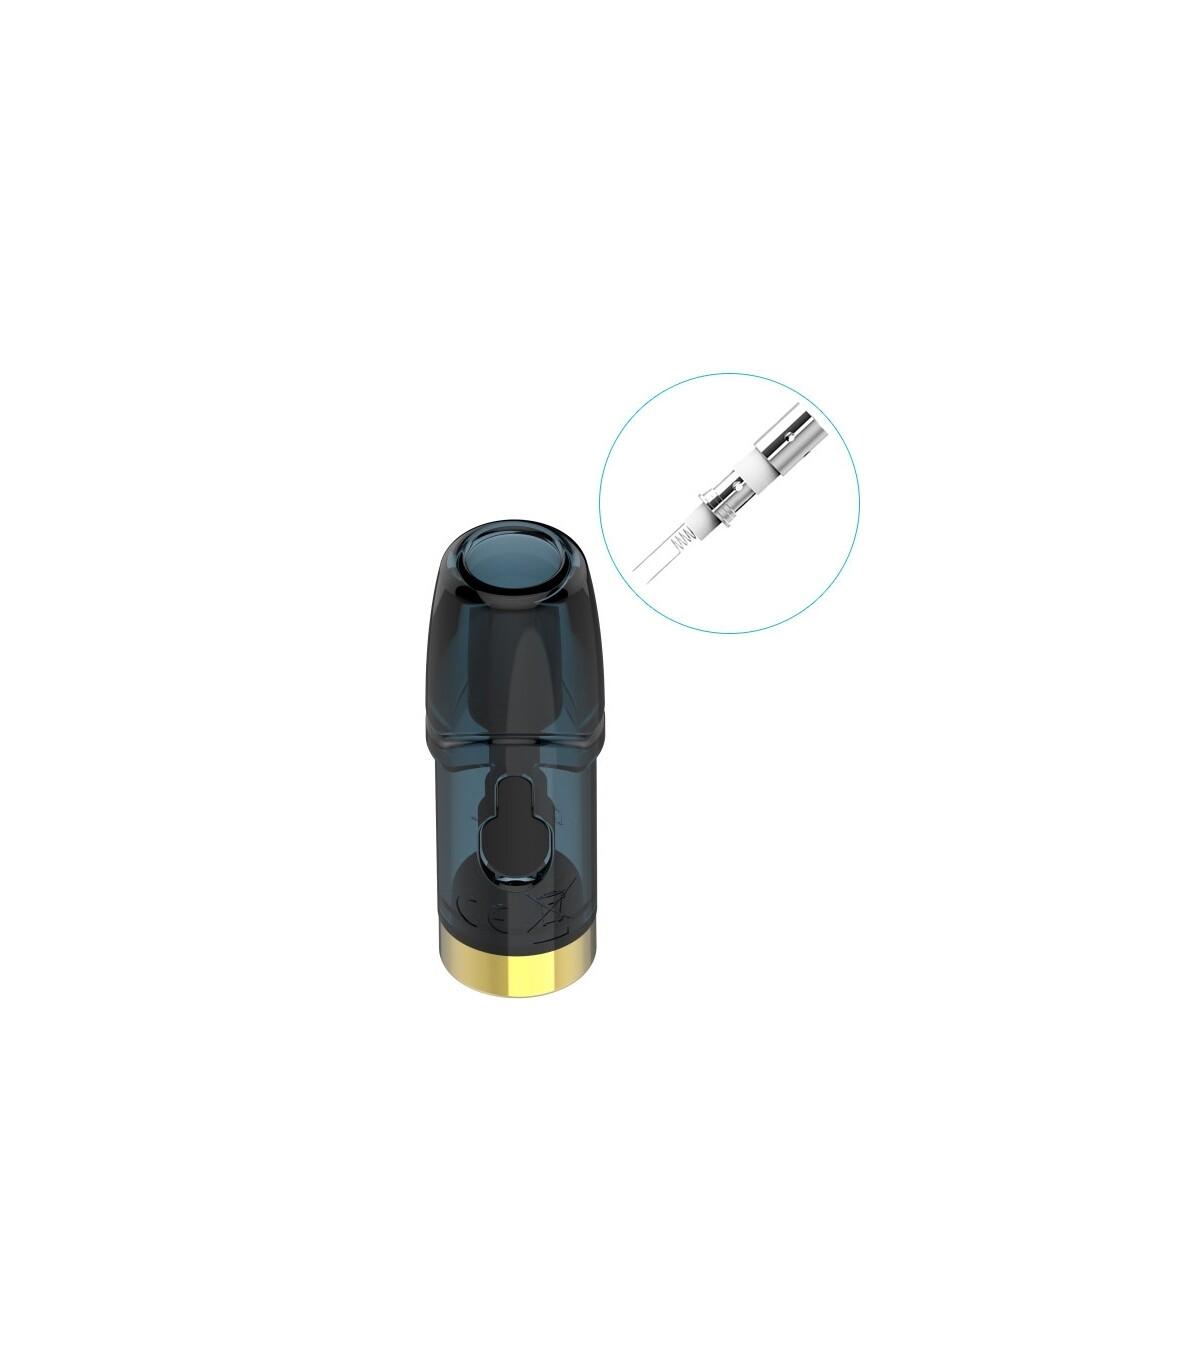 V-stick kertridž 1,3 oHm (1 komad)